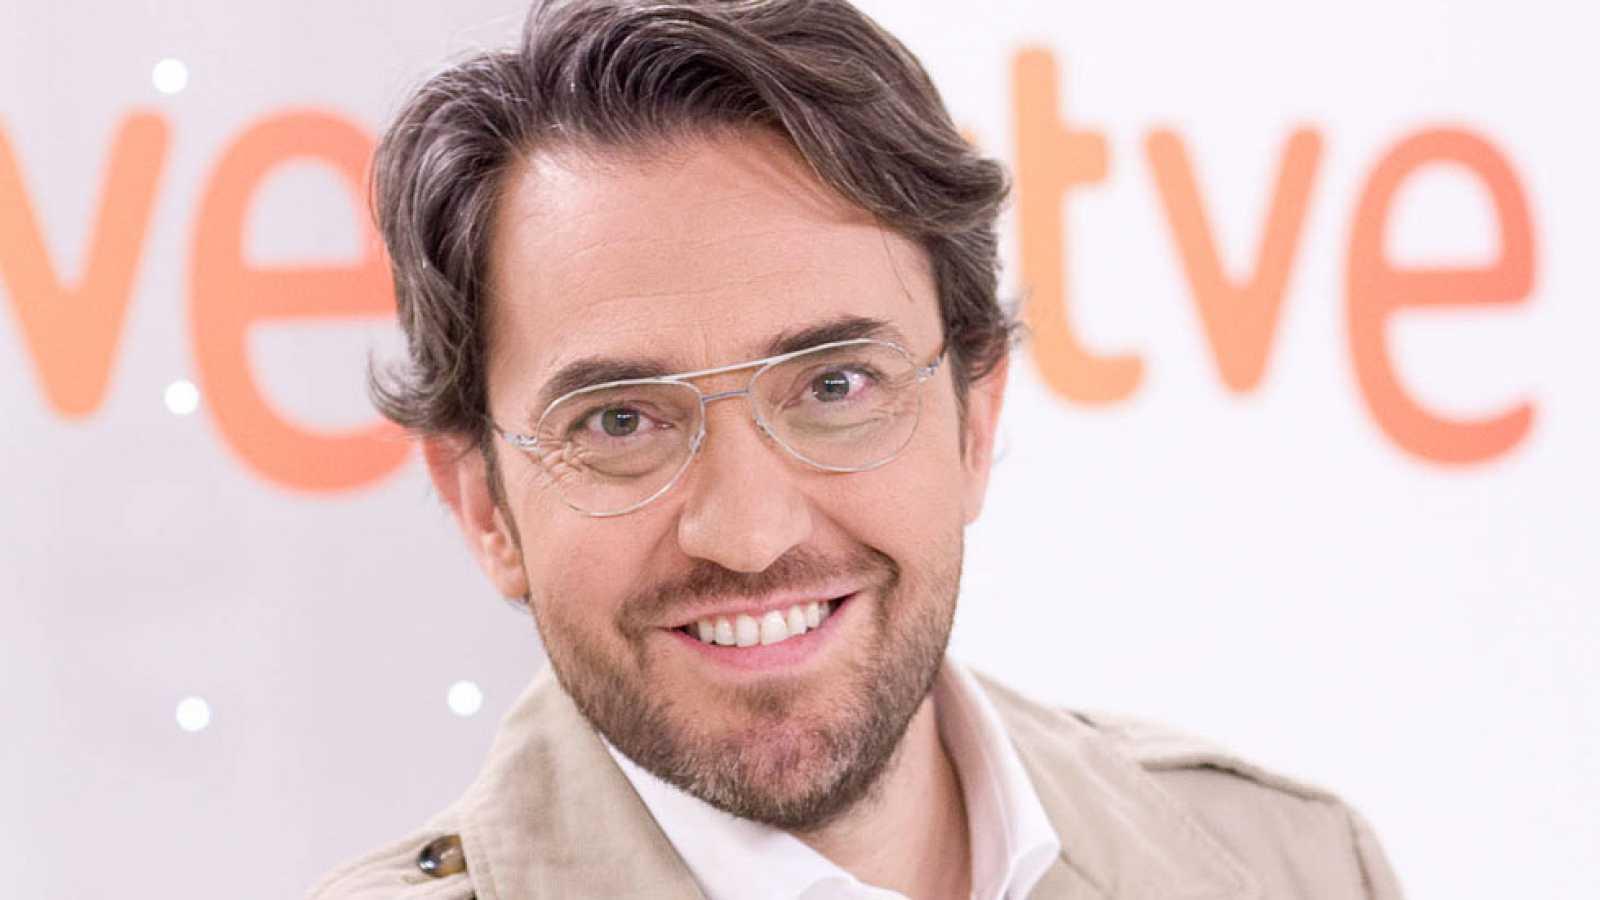 Παραιτήθηκε ο Ισπανός υπουργός Πολιτισμού | to10.gr